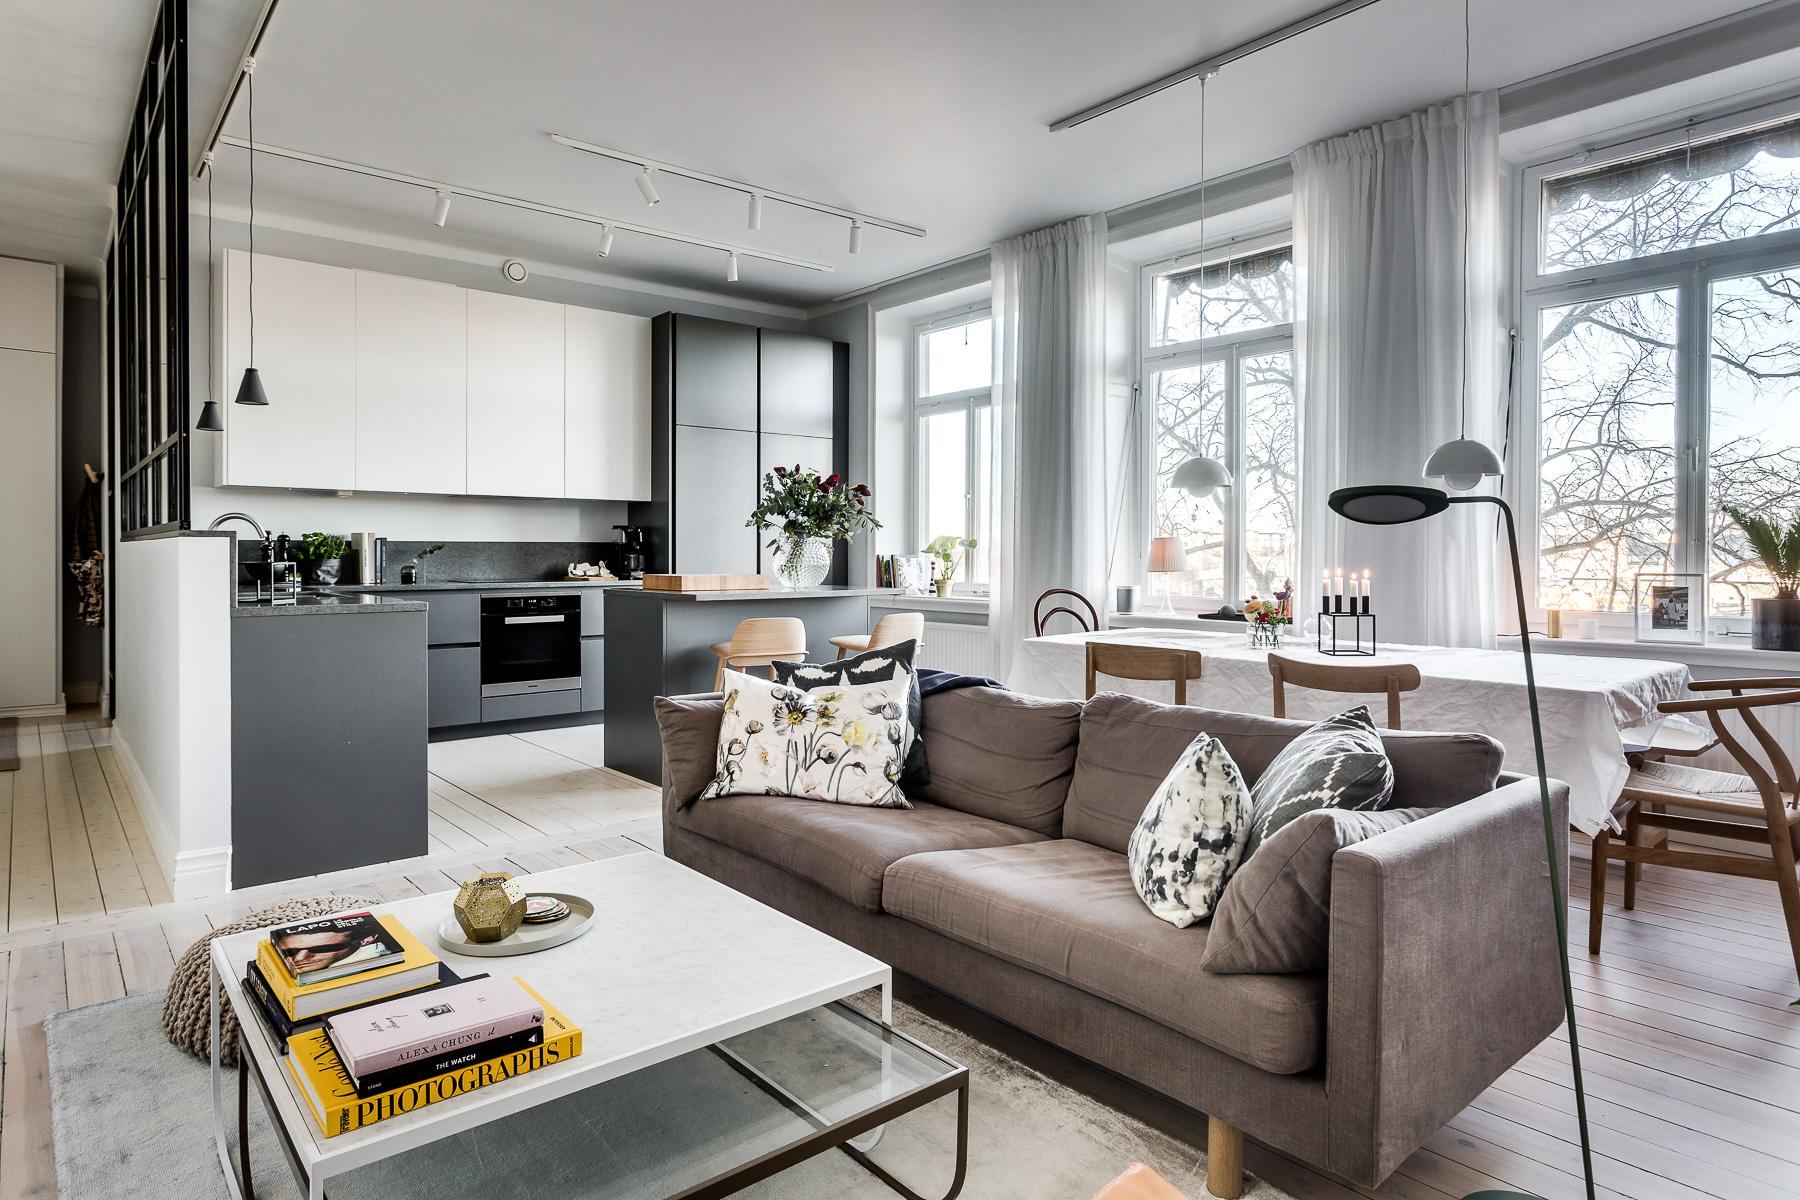 Однокомнатная квартира 40 кв м с мебелью